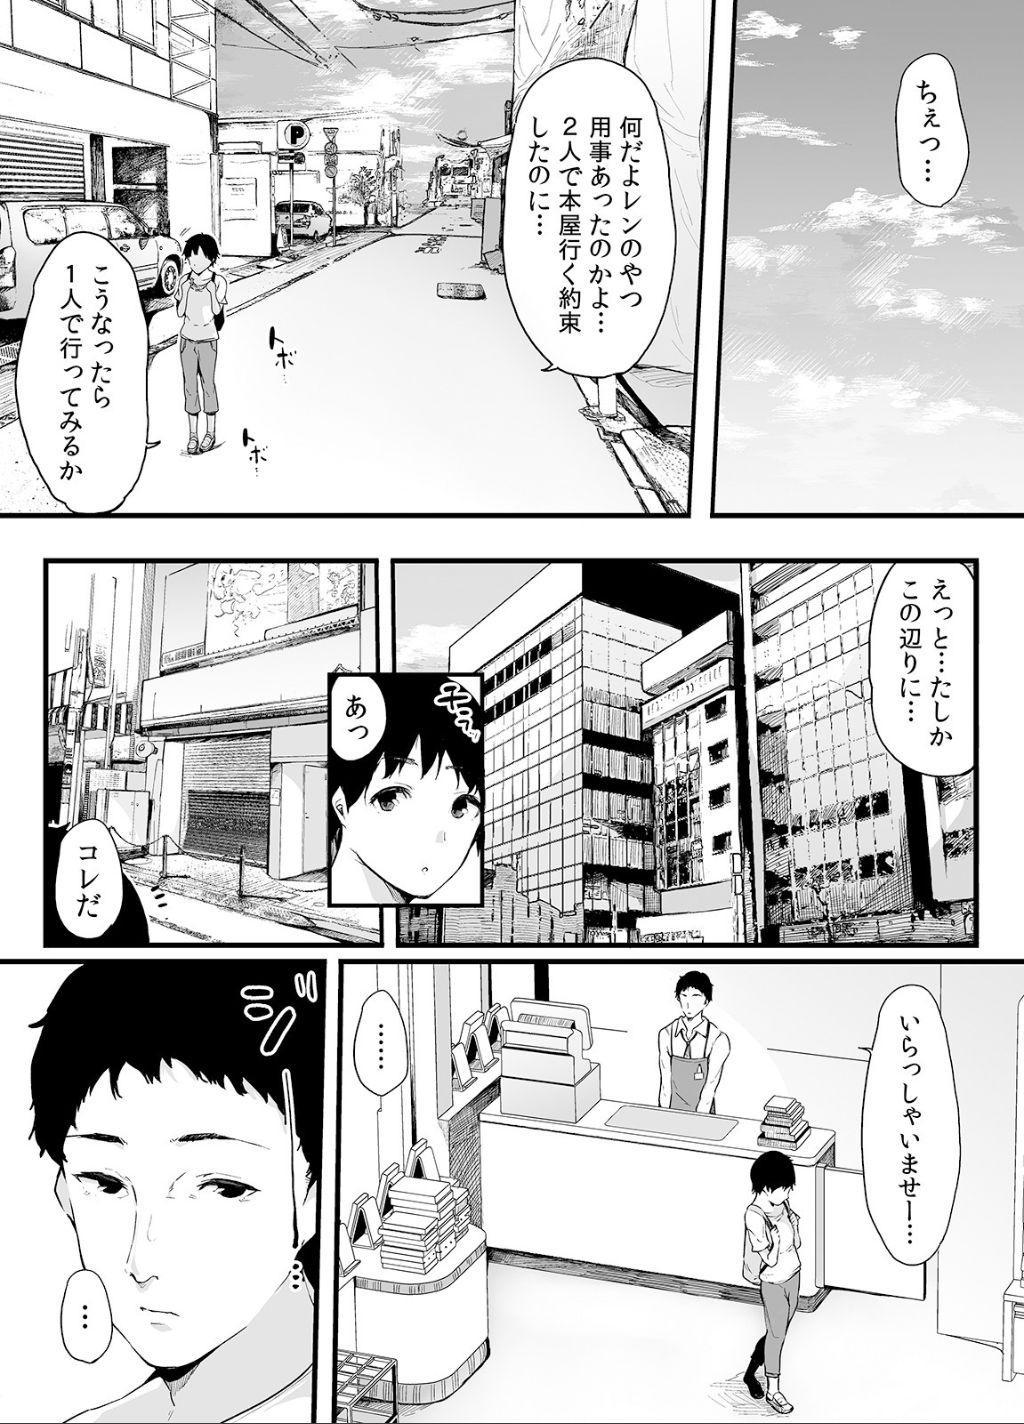 Otouto ni Ero Manga to Onaji Koto o Sare Chau o Nee-chan no Hanashi 2 39